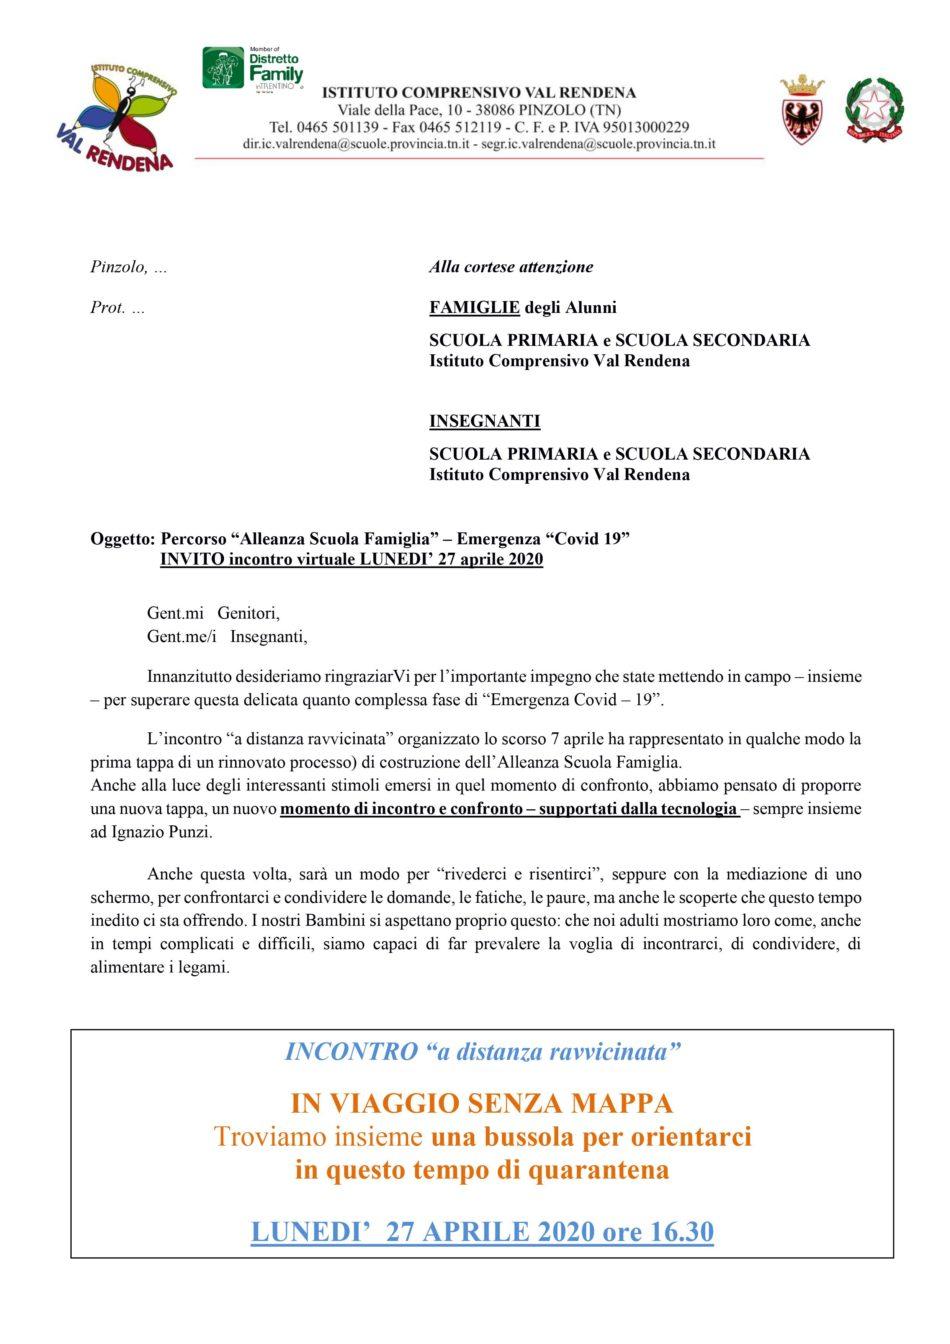 Istituto Comprensivo Val Rendena: NUOVO momento di incontro e confronto a distanza, con Ignazio Punzi, lunedì prossimo…